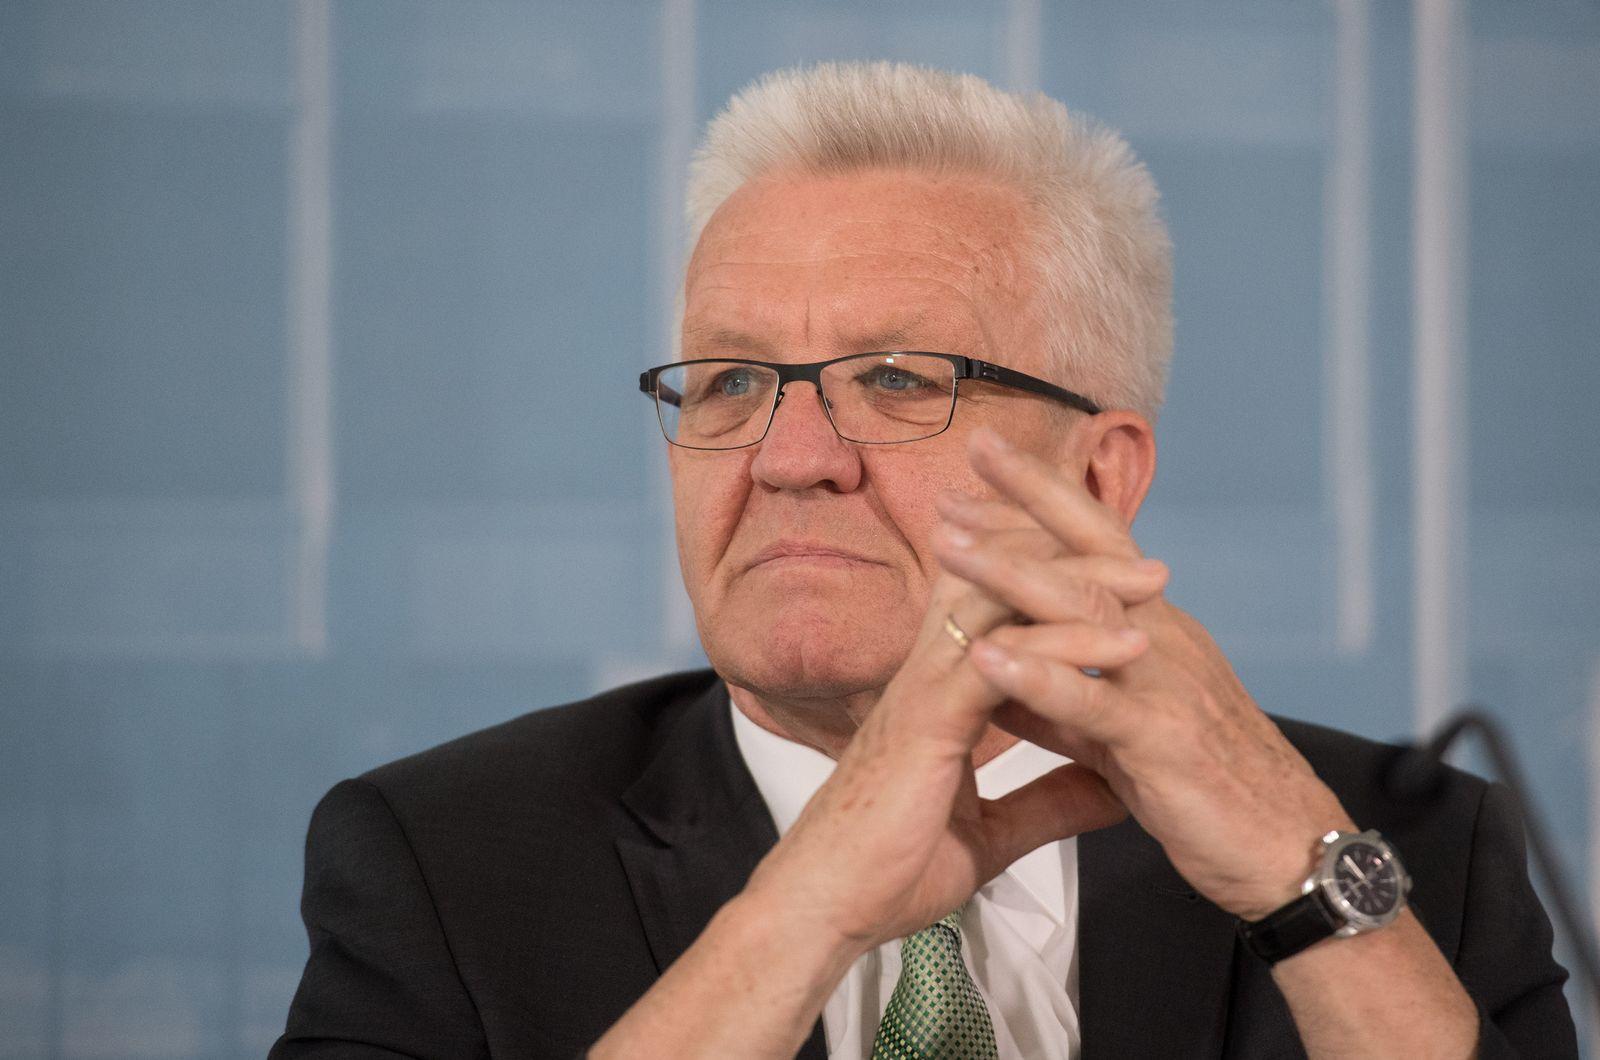 Regierungs-Pk Winfried Kretschmann